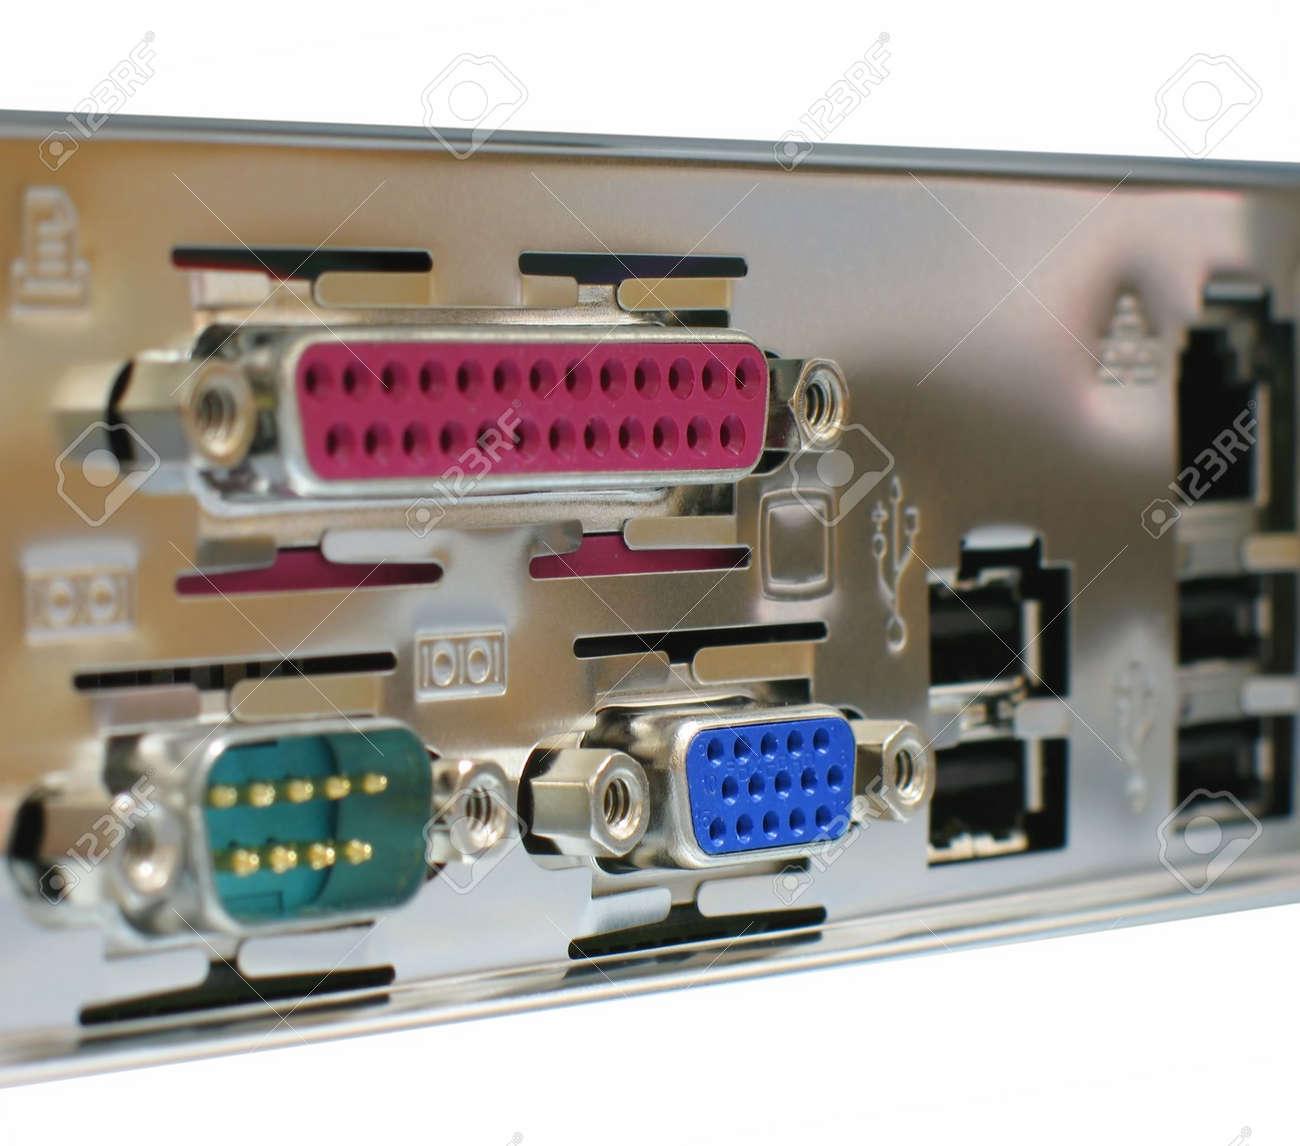 Задняя панель компьютера фото 5